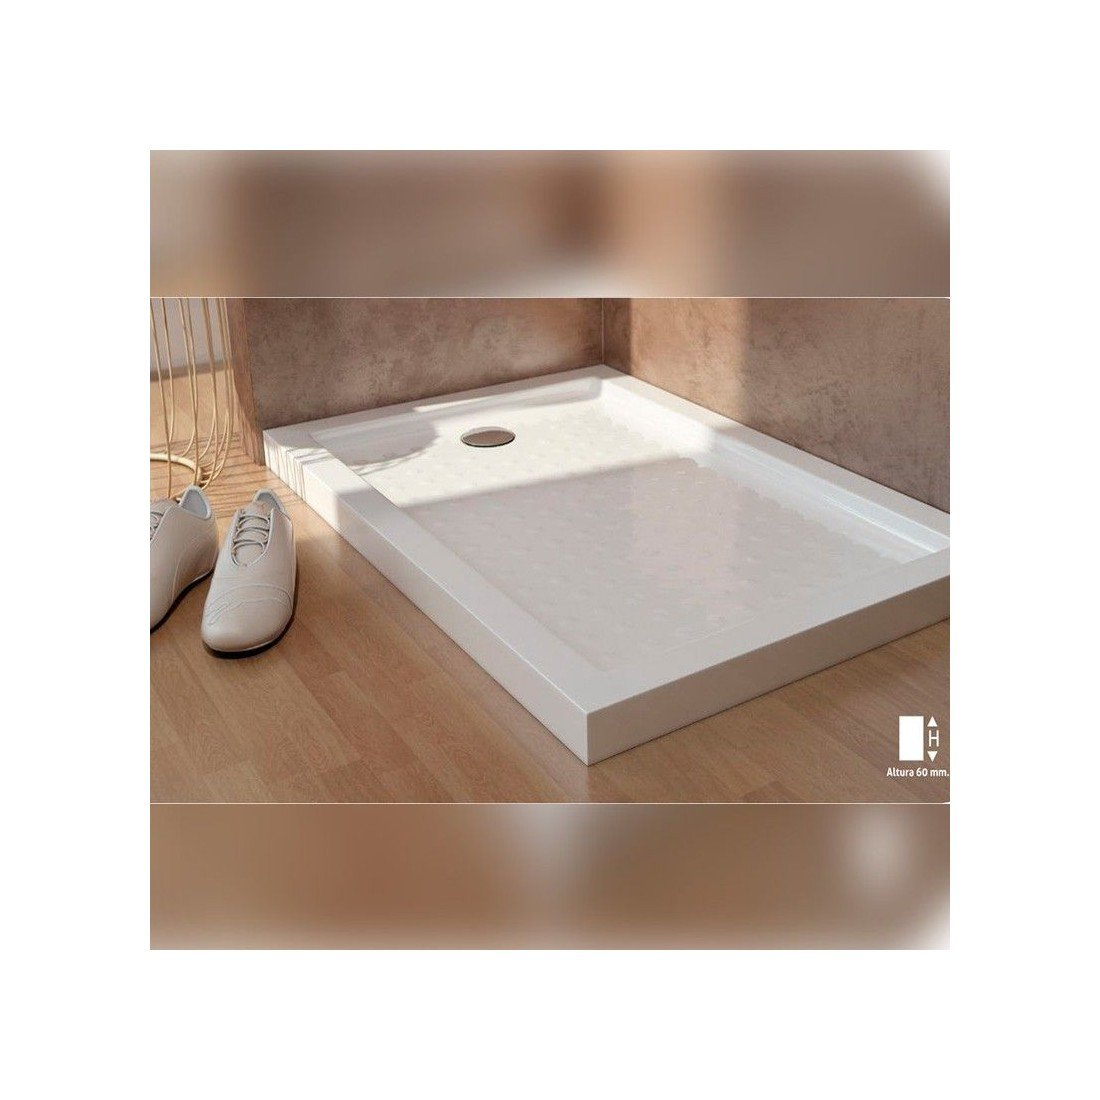 comprar plato de ducha acr lico barato online